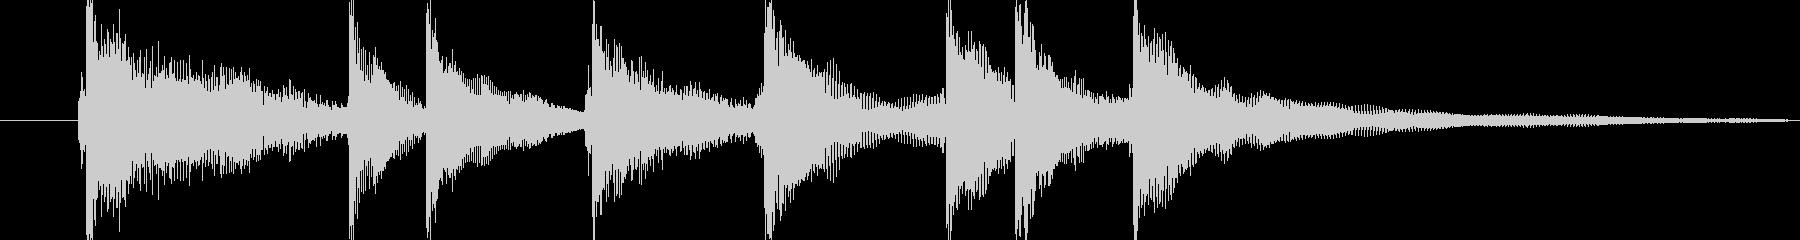 和太鼓と三味線の掛け声のジングルですの未再生の波形